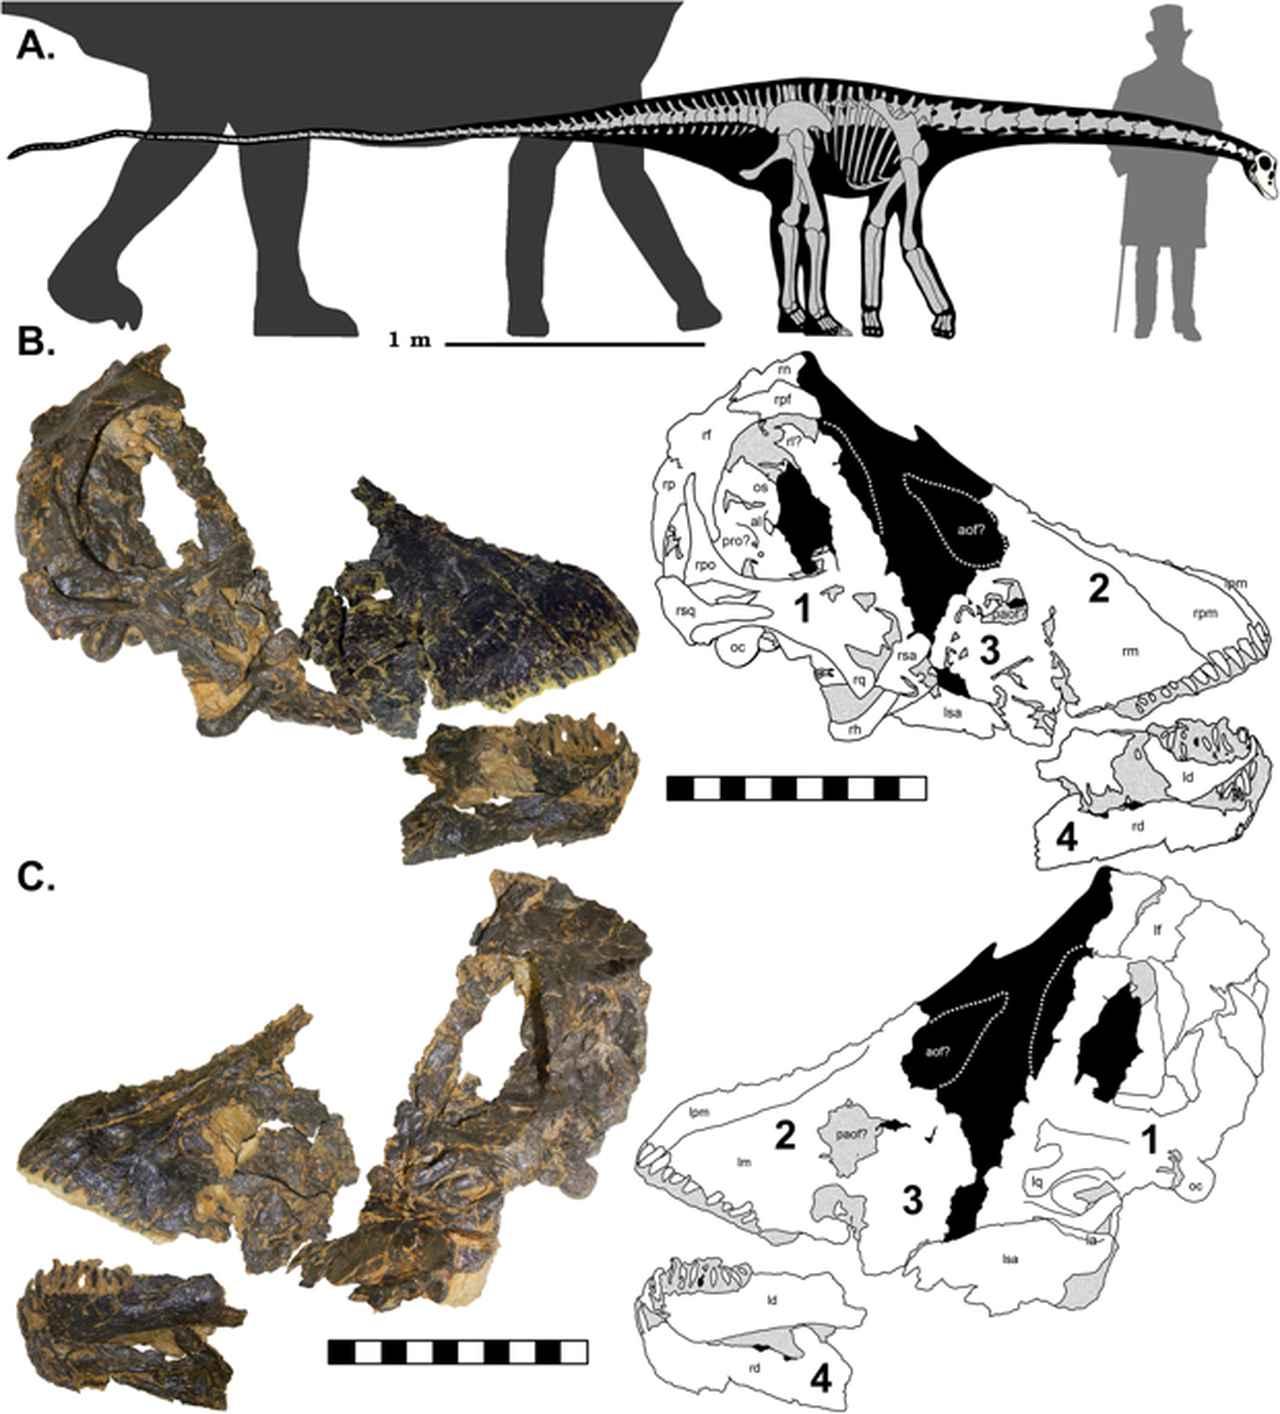 画像: The Smallest Diplodocid Skull Reveals Cranial Ontogeny and Growth-Related Dietary Changes in the Largest Dinosaurs